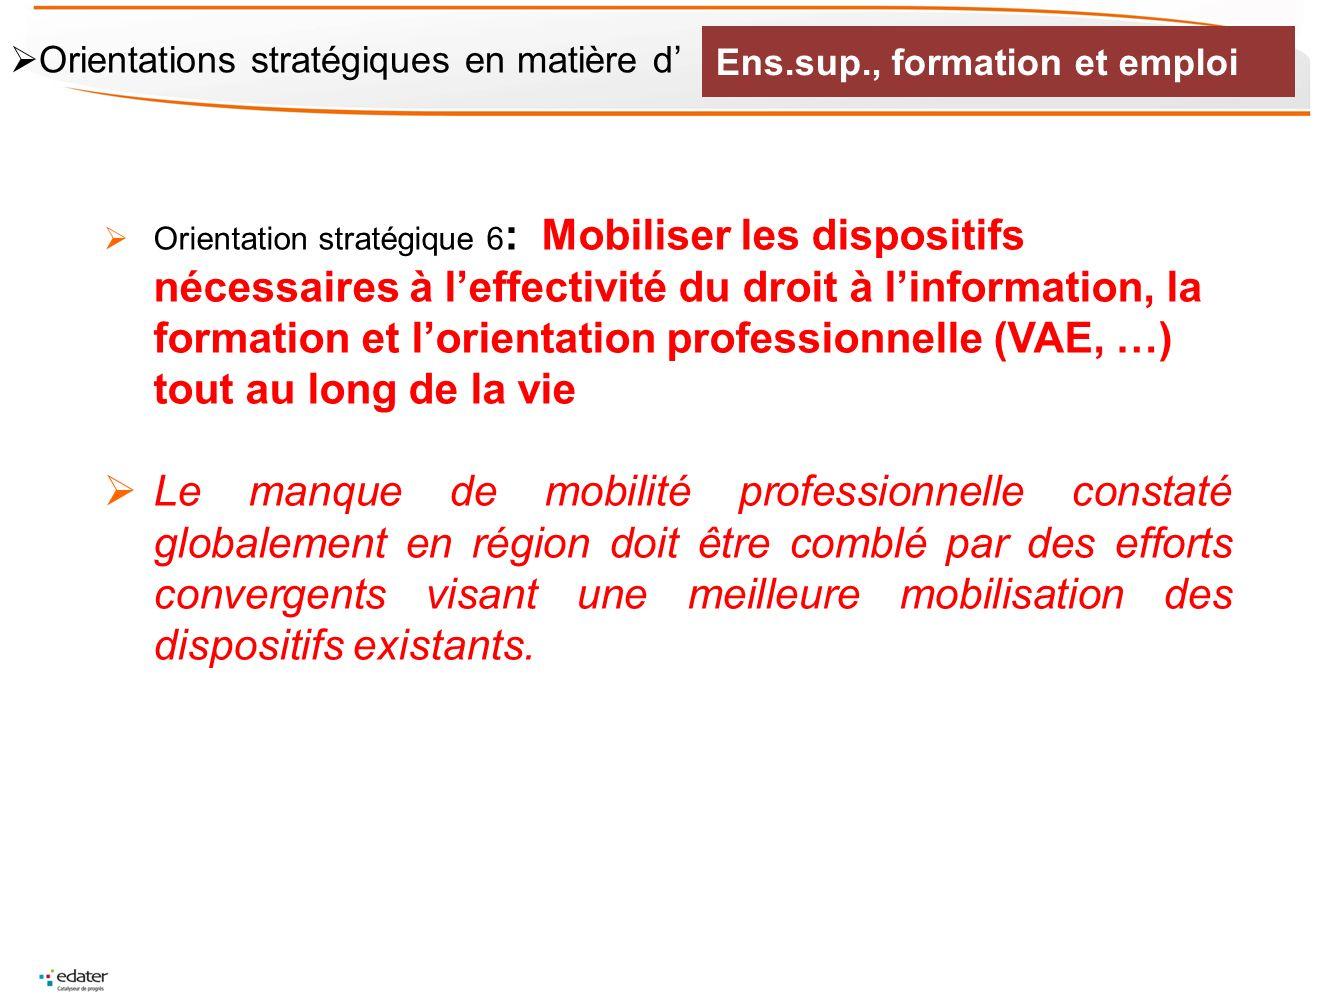 Orientation stratégique 6 : Mobiliser les dispositifs nécessaires à leffectivité du droit à linformation, la formation et lorientation professionnelle